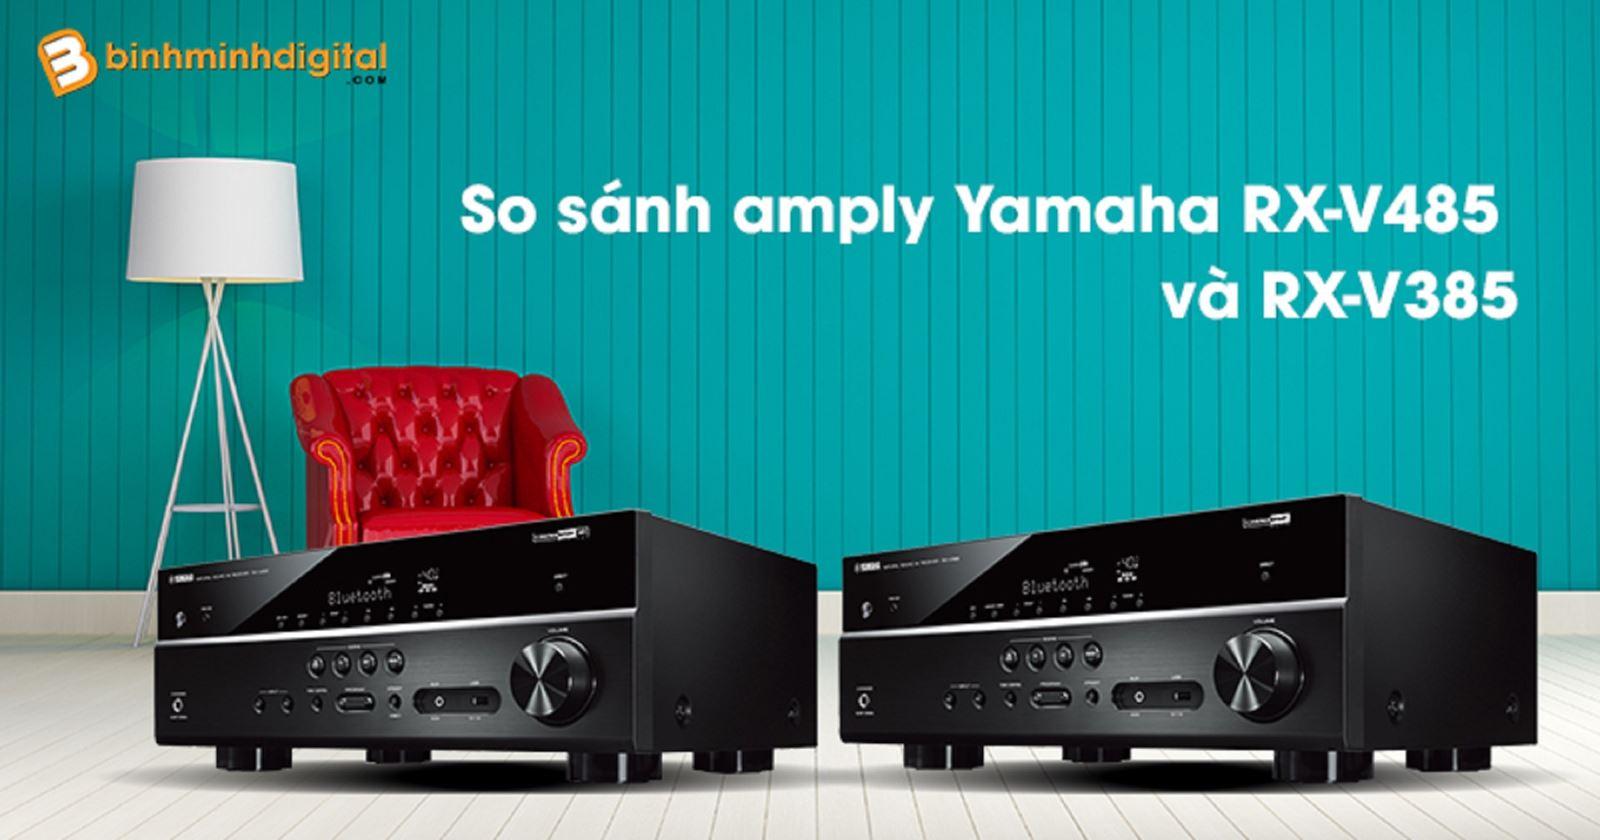 So sánh amply Yamaha RX-V485 và RX-V385